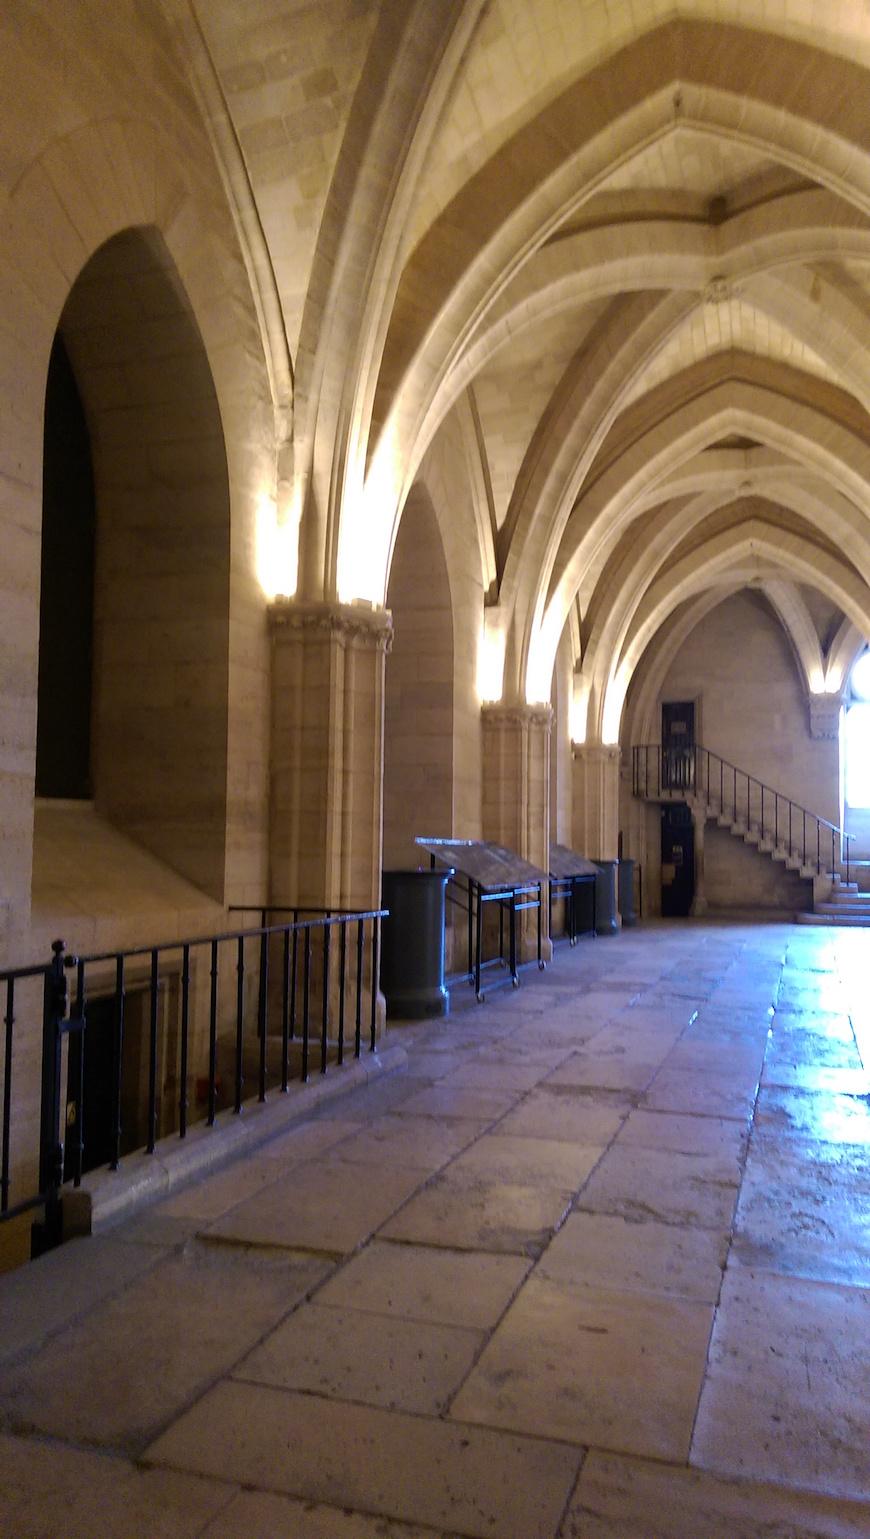 昏暗的拱廊,也彷彿象徵囚犯們無光的未來(圖片來源:李珮宇)